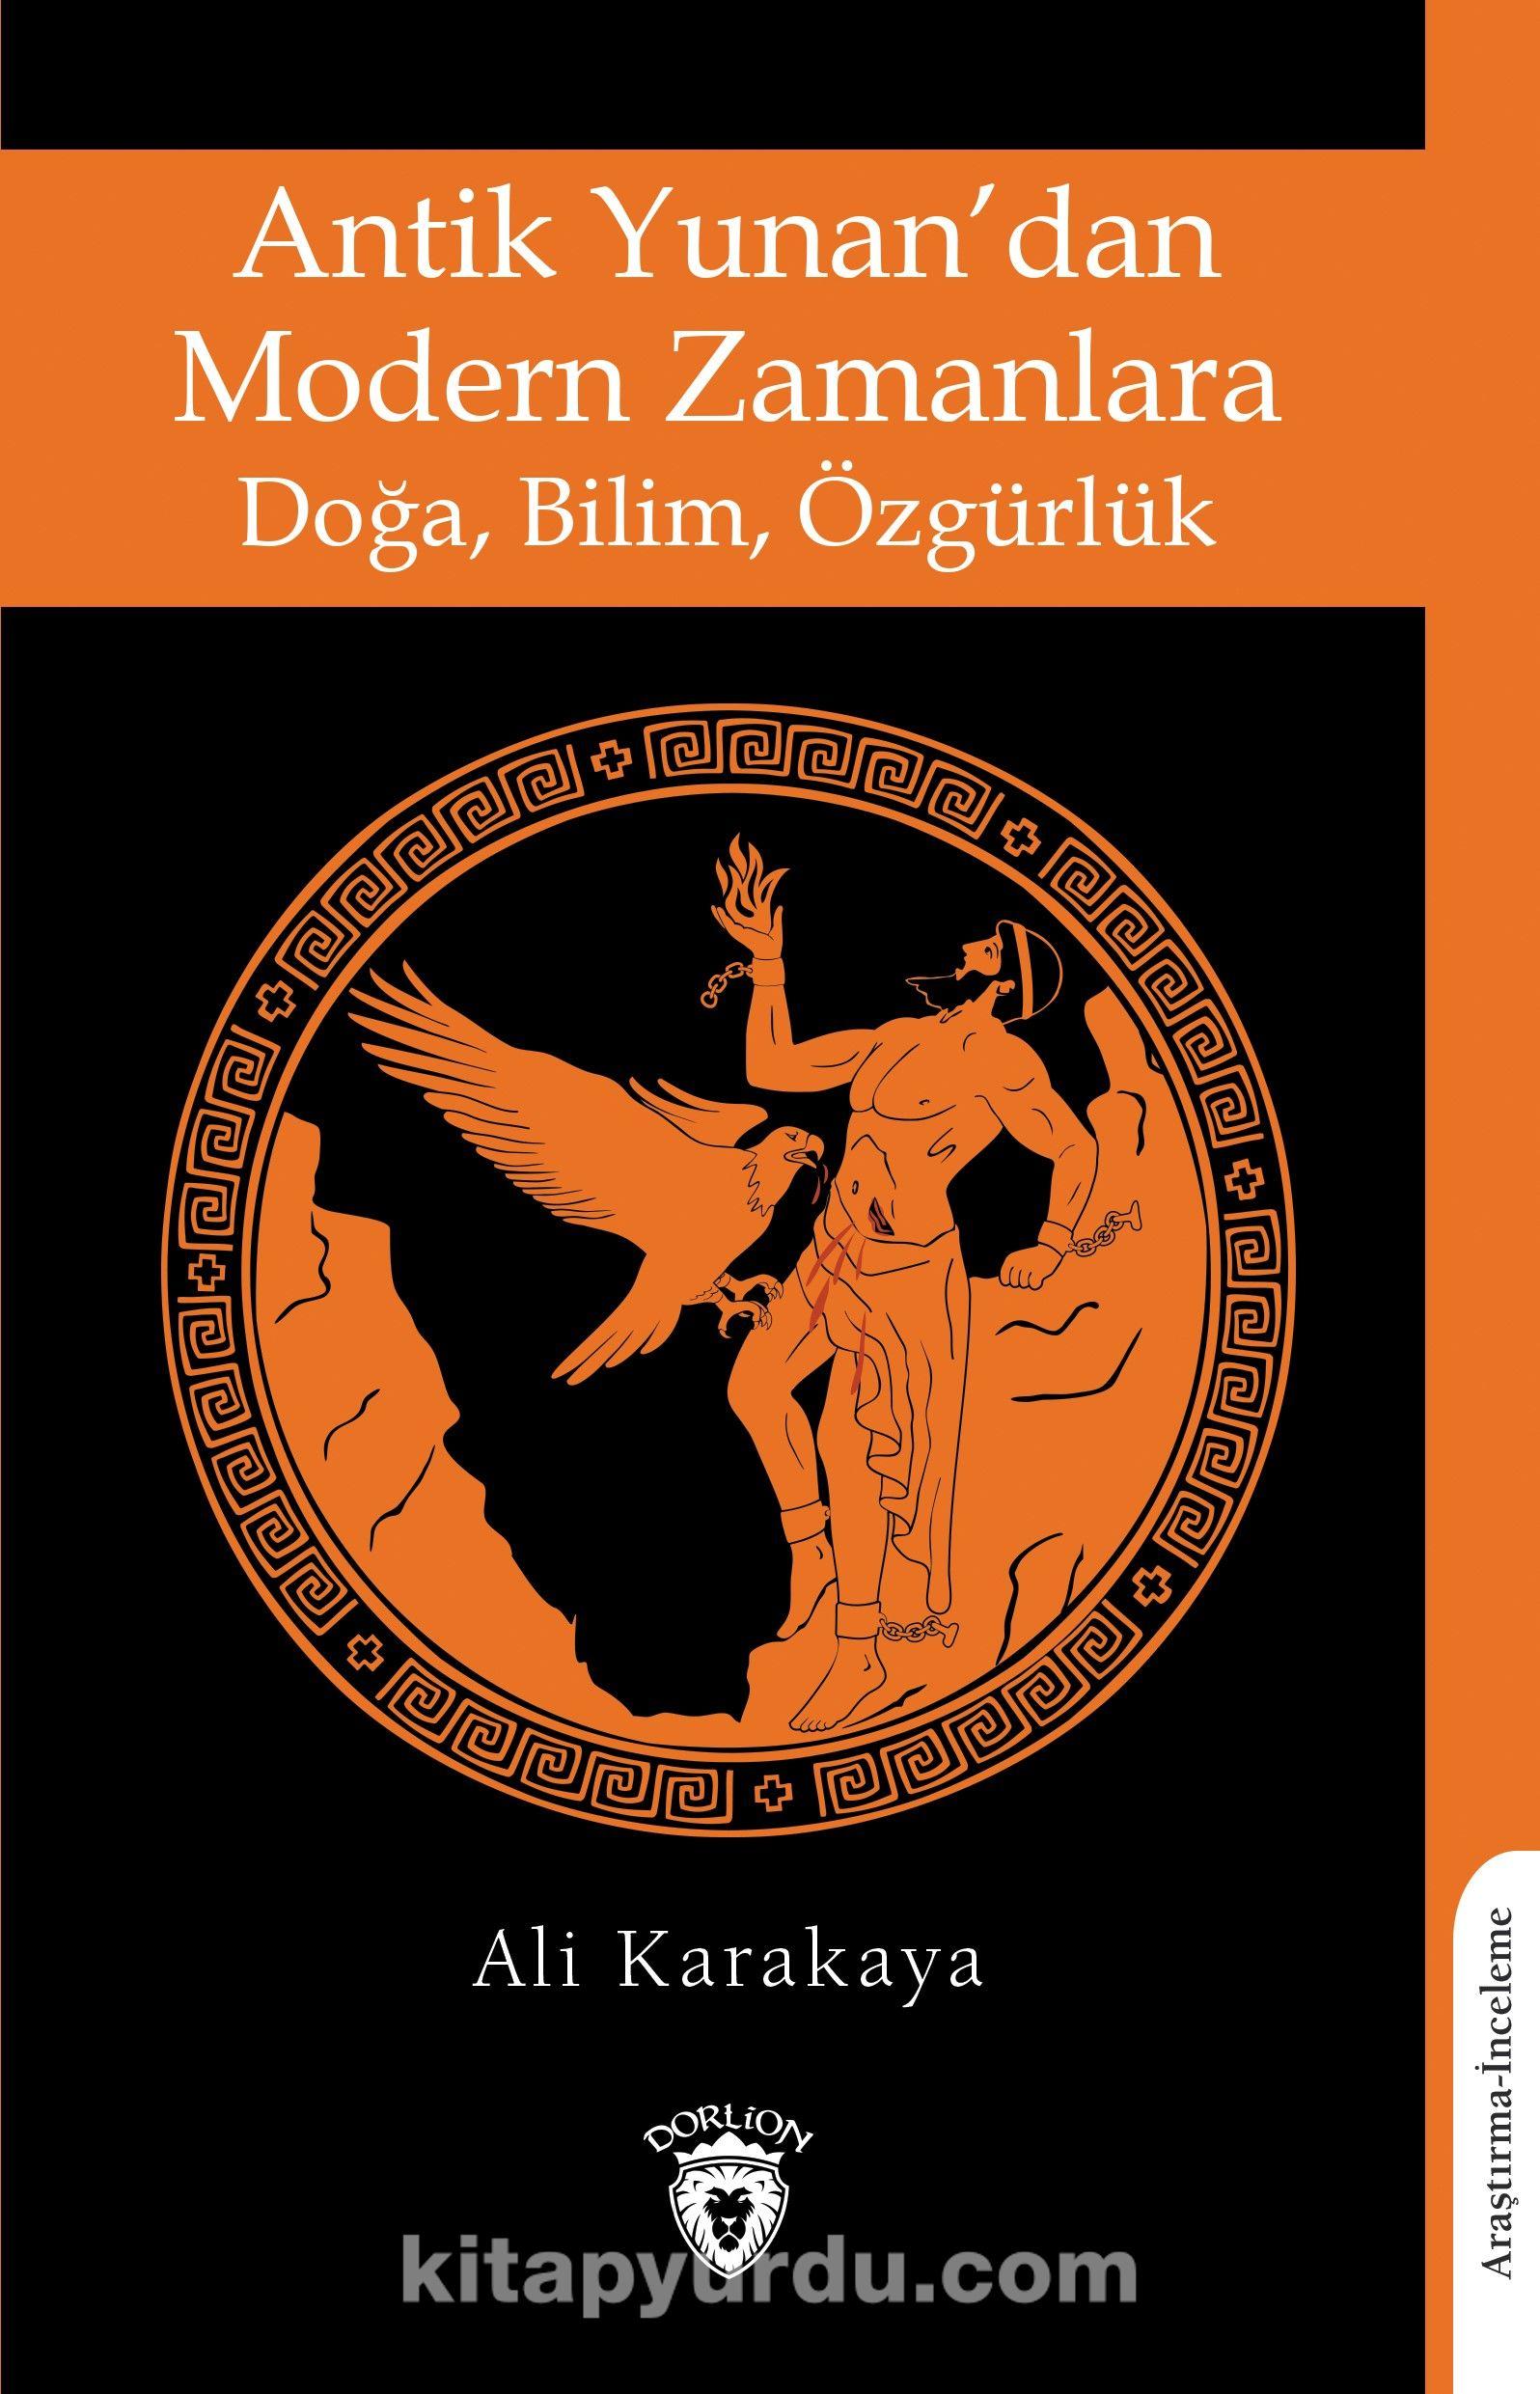 Antik Yunan'dan Modern Zamanlara Doğa, Bilim, Özgürlük PDF Kitap İndir